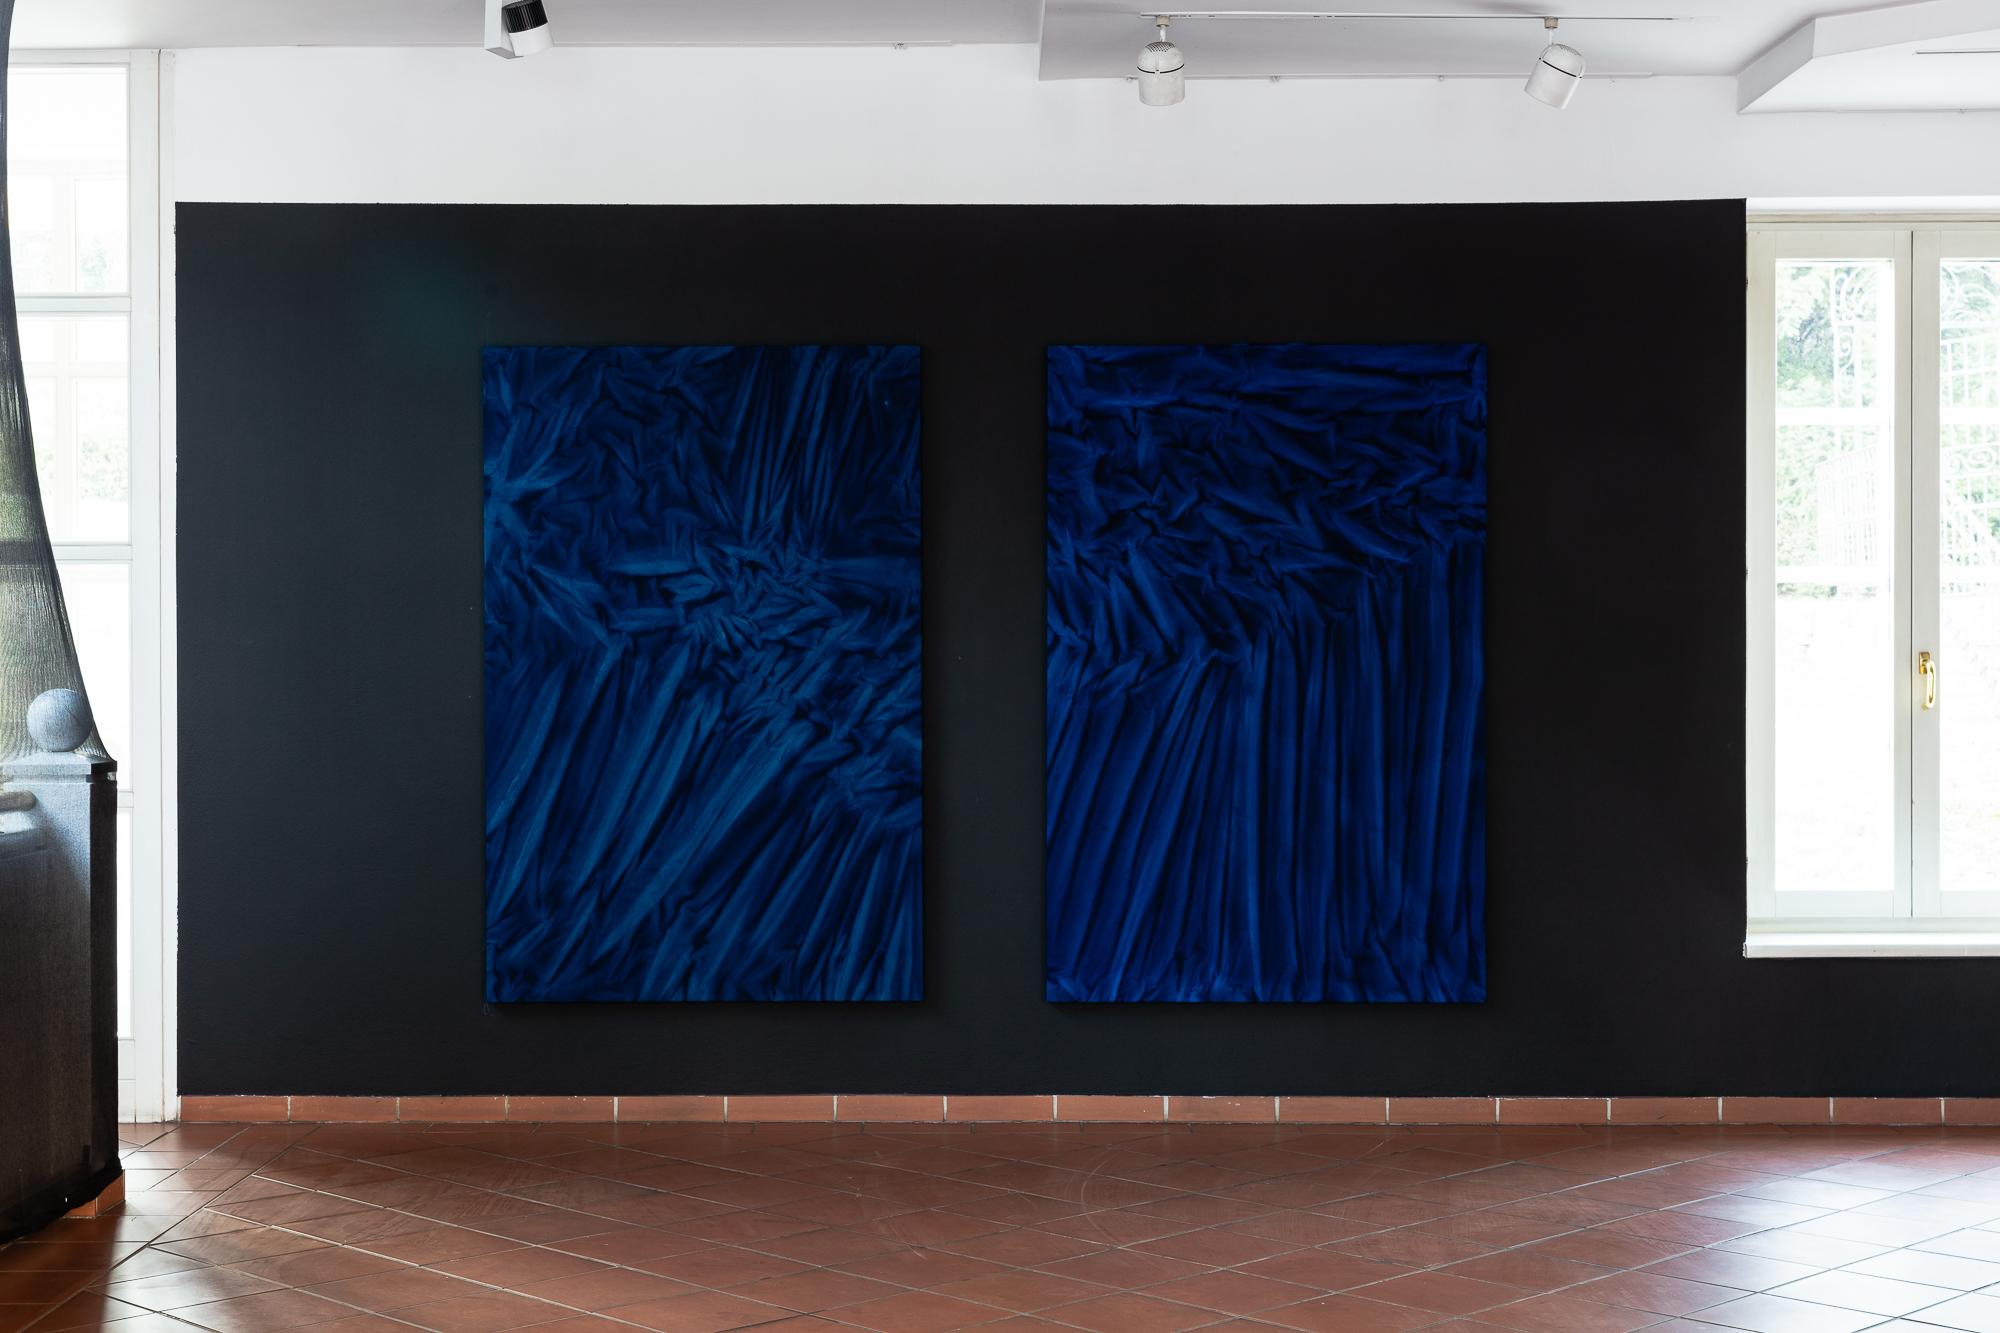 2019_03_05_Simon Iurino_Ausstellungsansichten_006_web.jpg